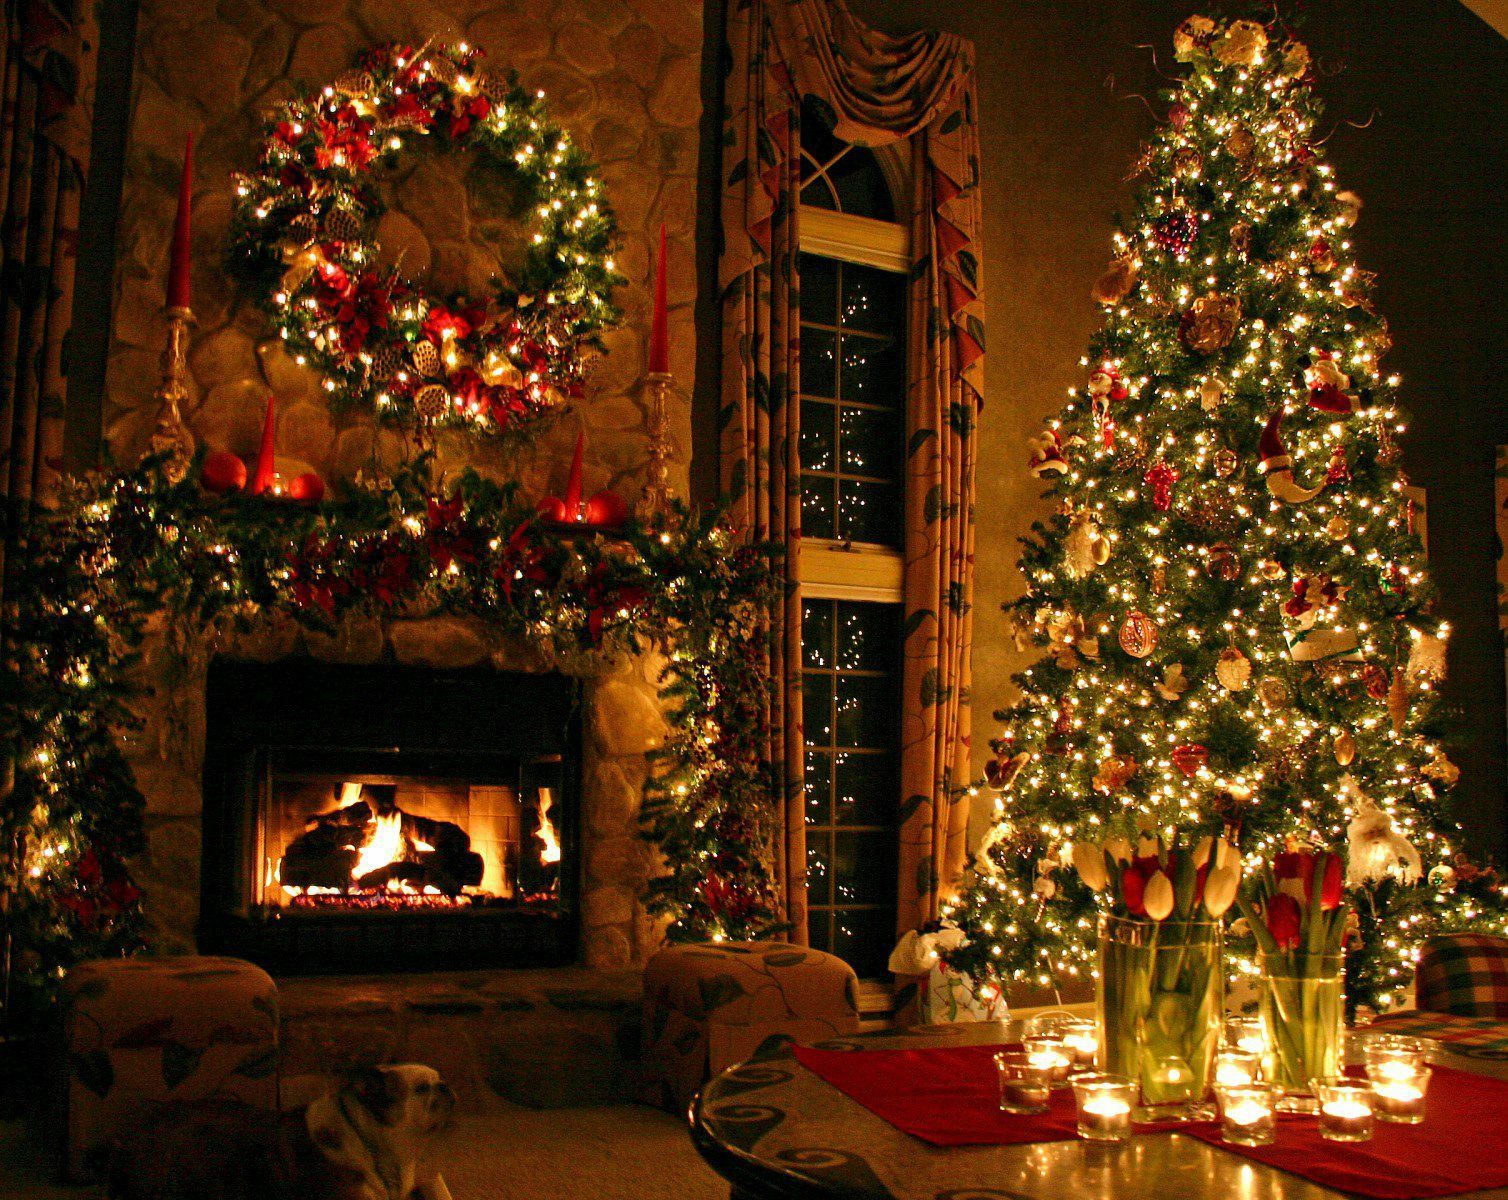 Outdoor Dekorationen, Baumschmuck, Wohnzimmer Ideen, Weihnachten Haus  Dekoration, Urlaub Dekorieren, Deko